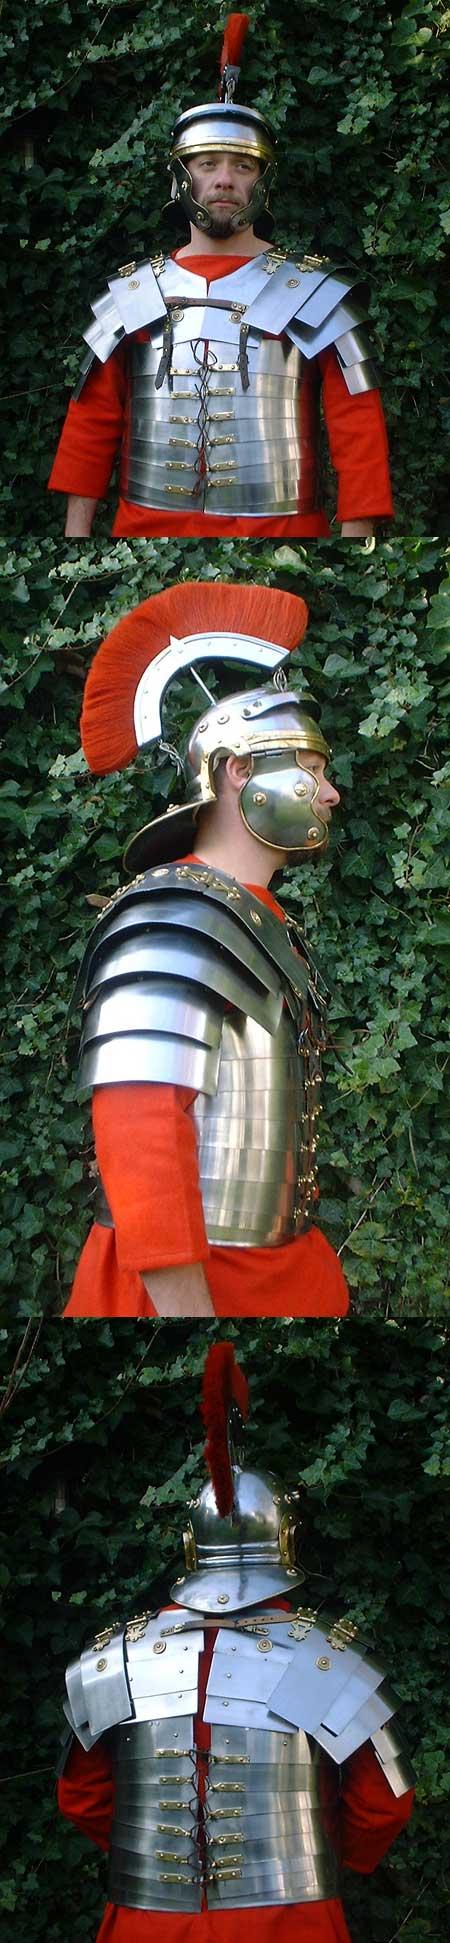 Römer-Rüstung, lorica segmentata, leicht